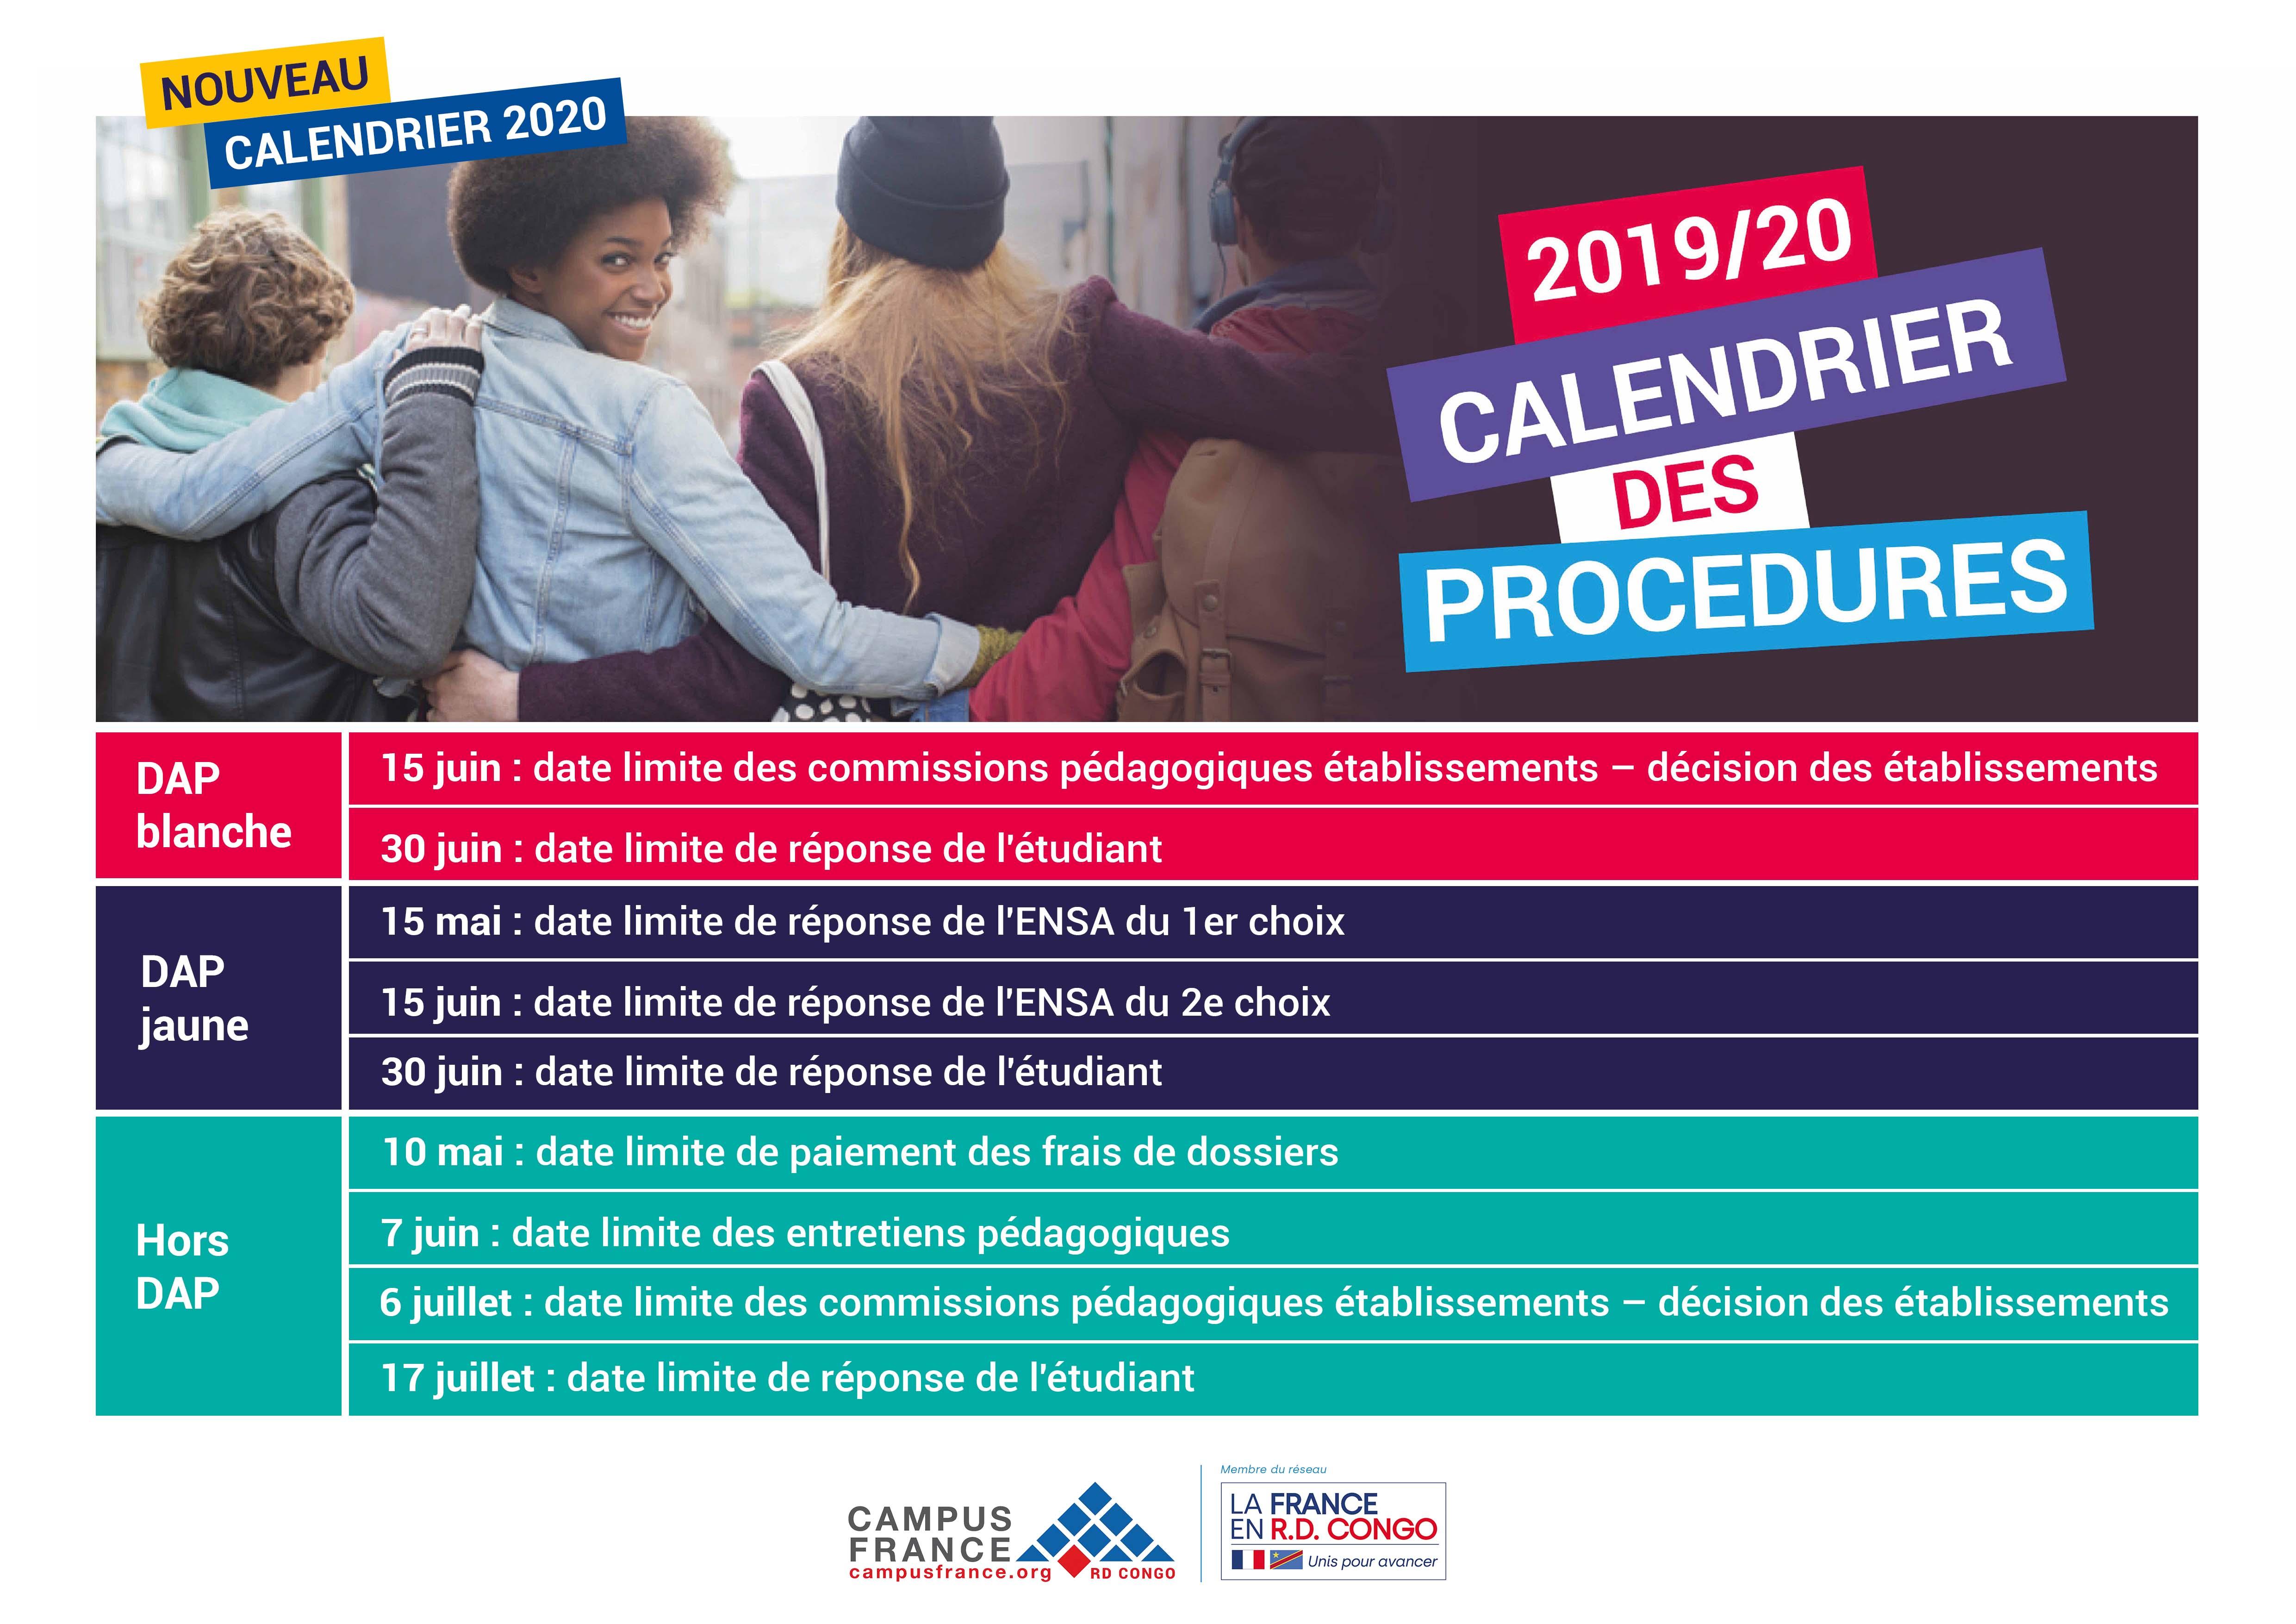 Nouveau Calendrier 2020 | Campus France